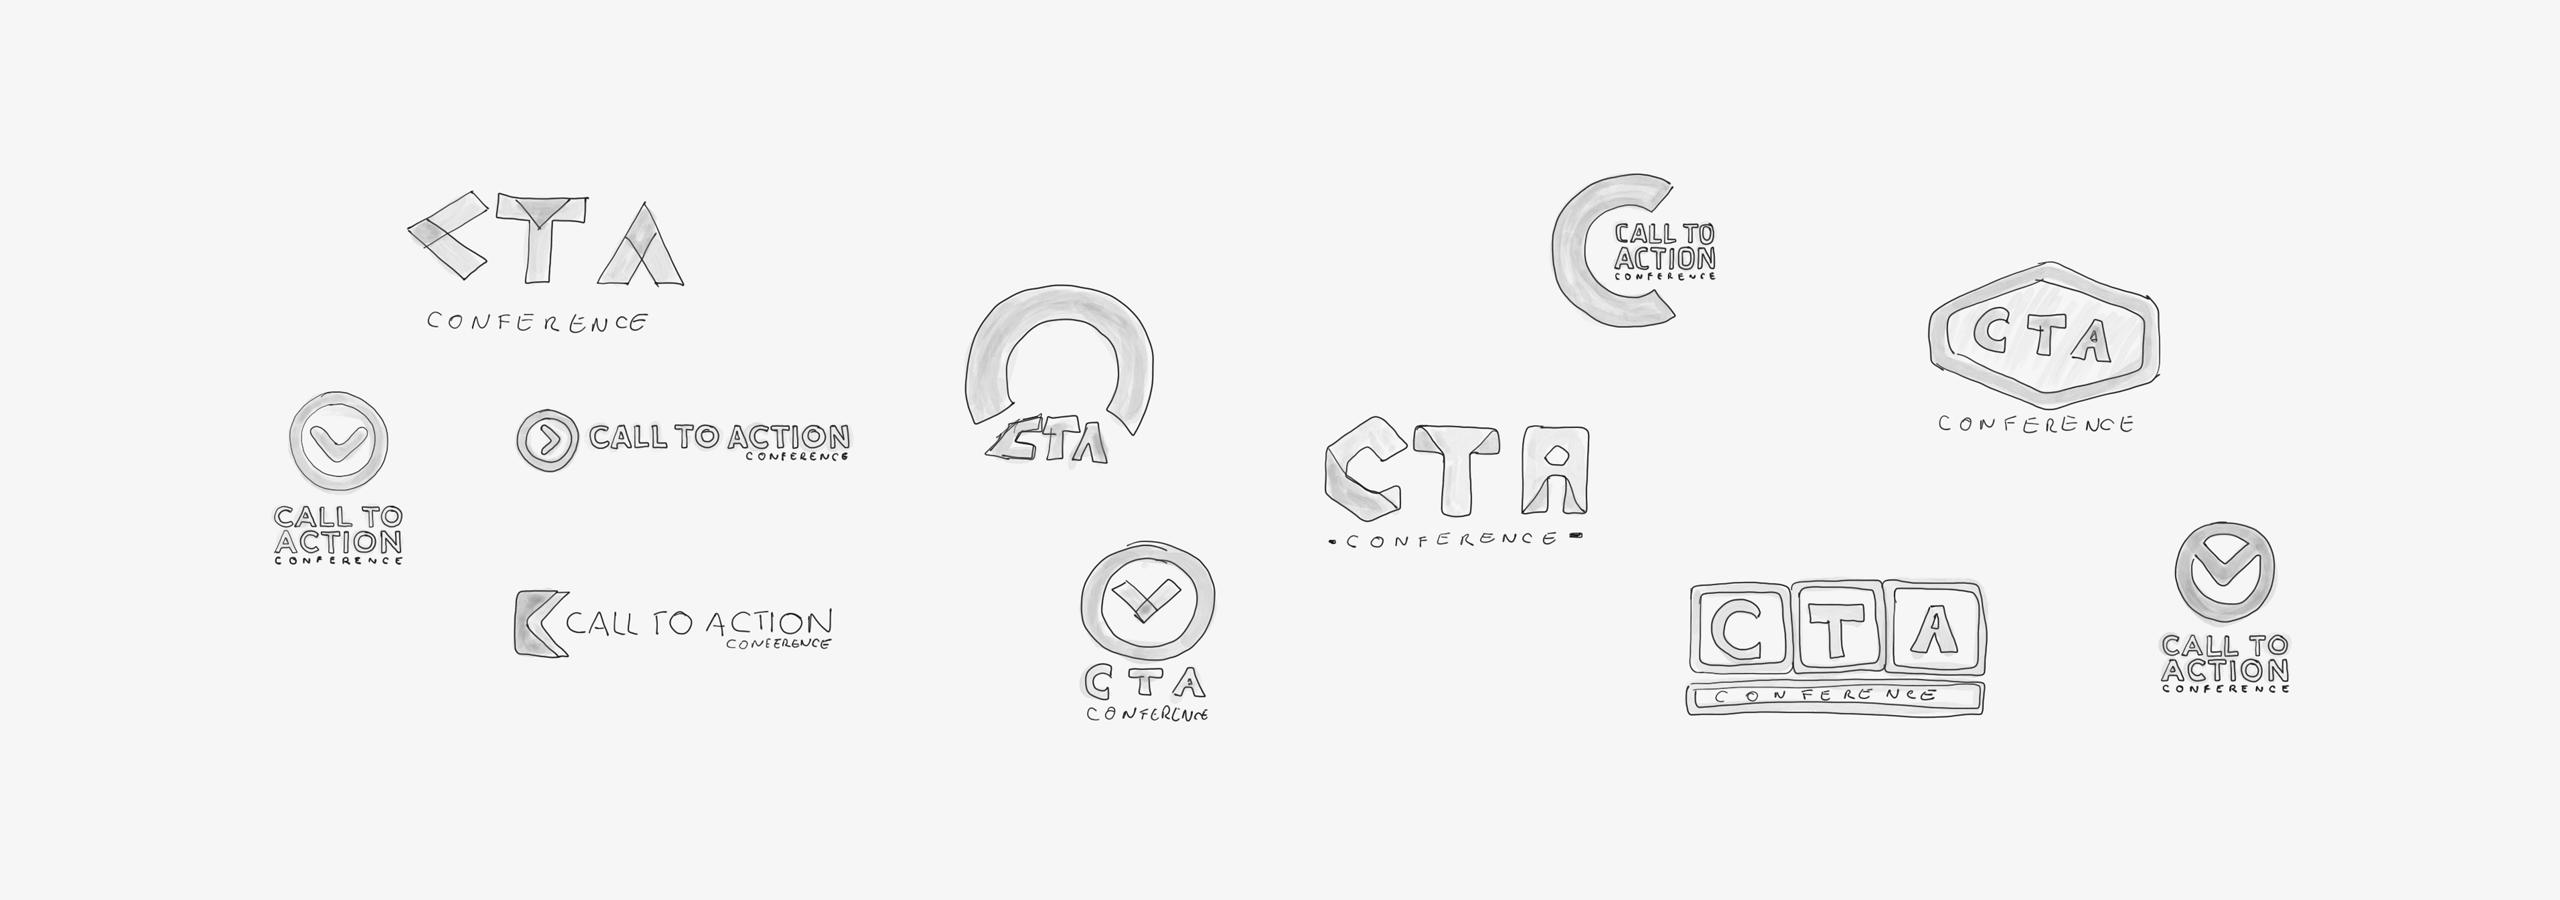 cta-conf-logo-sketches